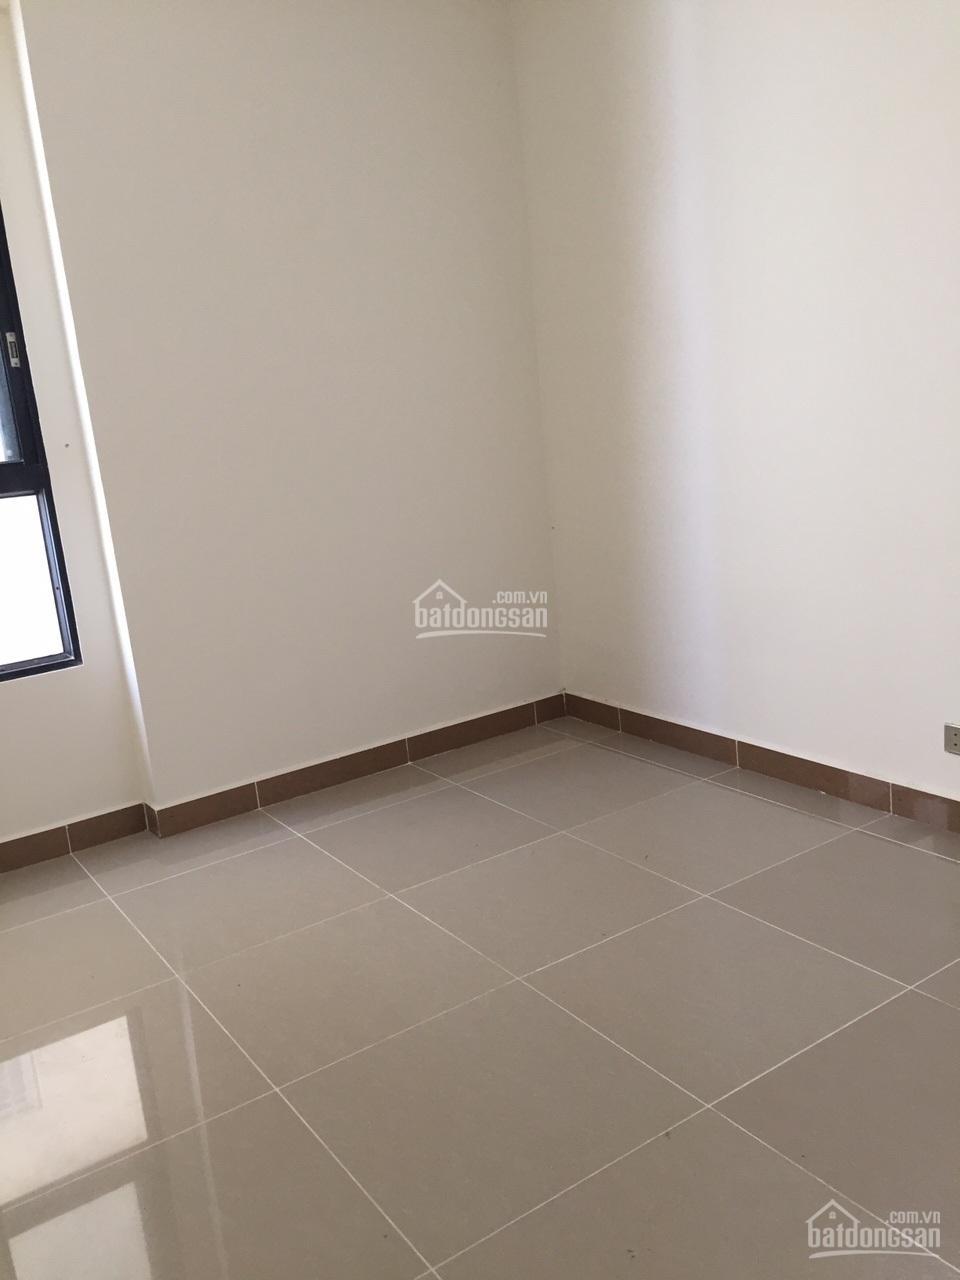 Cho thuê phòng trong CH chung cư Era Town Q7, 8m2, 1.6 tr/tháng. Đầu tháng 4 dọn vào. LH 0977108828